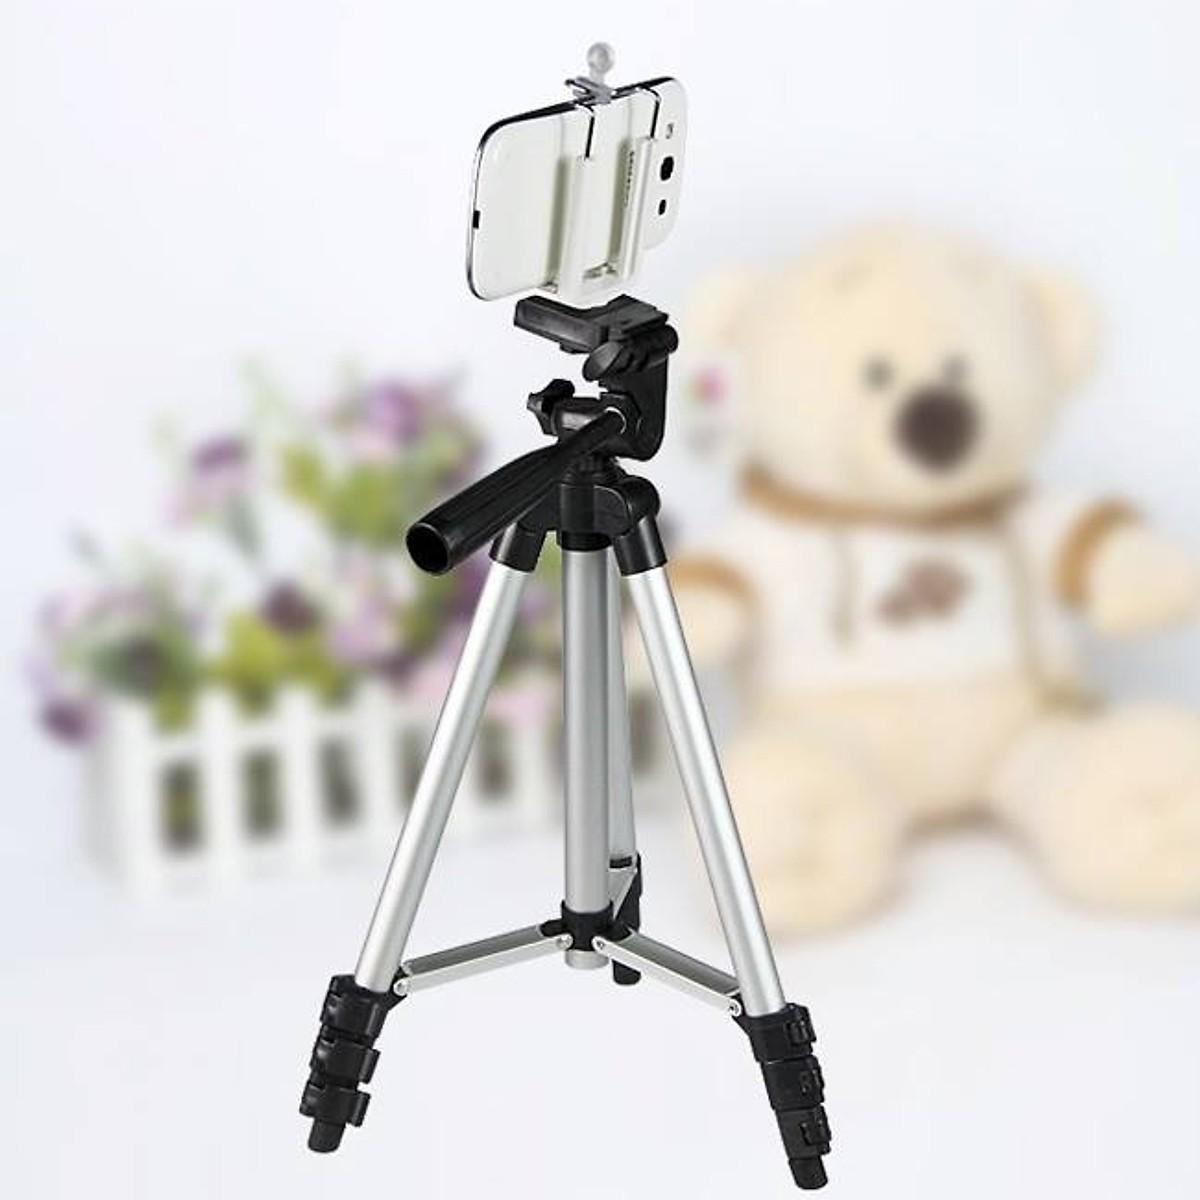 Bộ giá đỡ điện thoại, máy ảnh 3 chân tripod